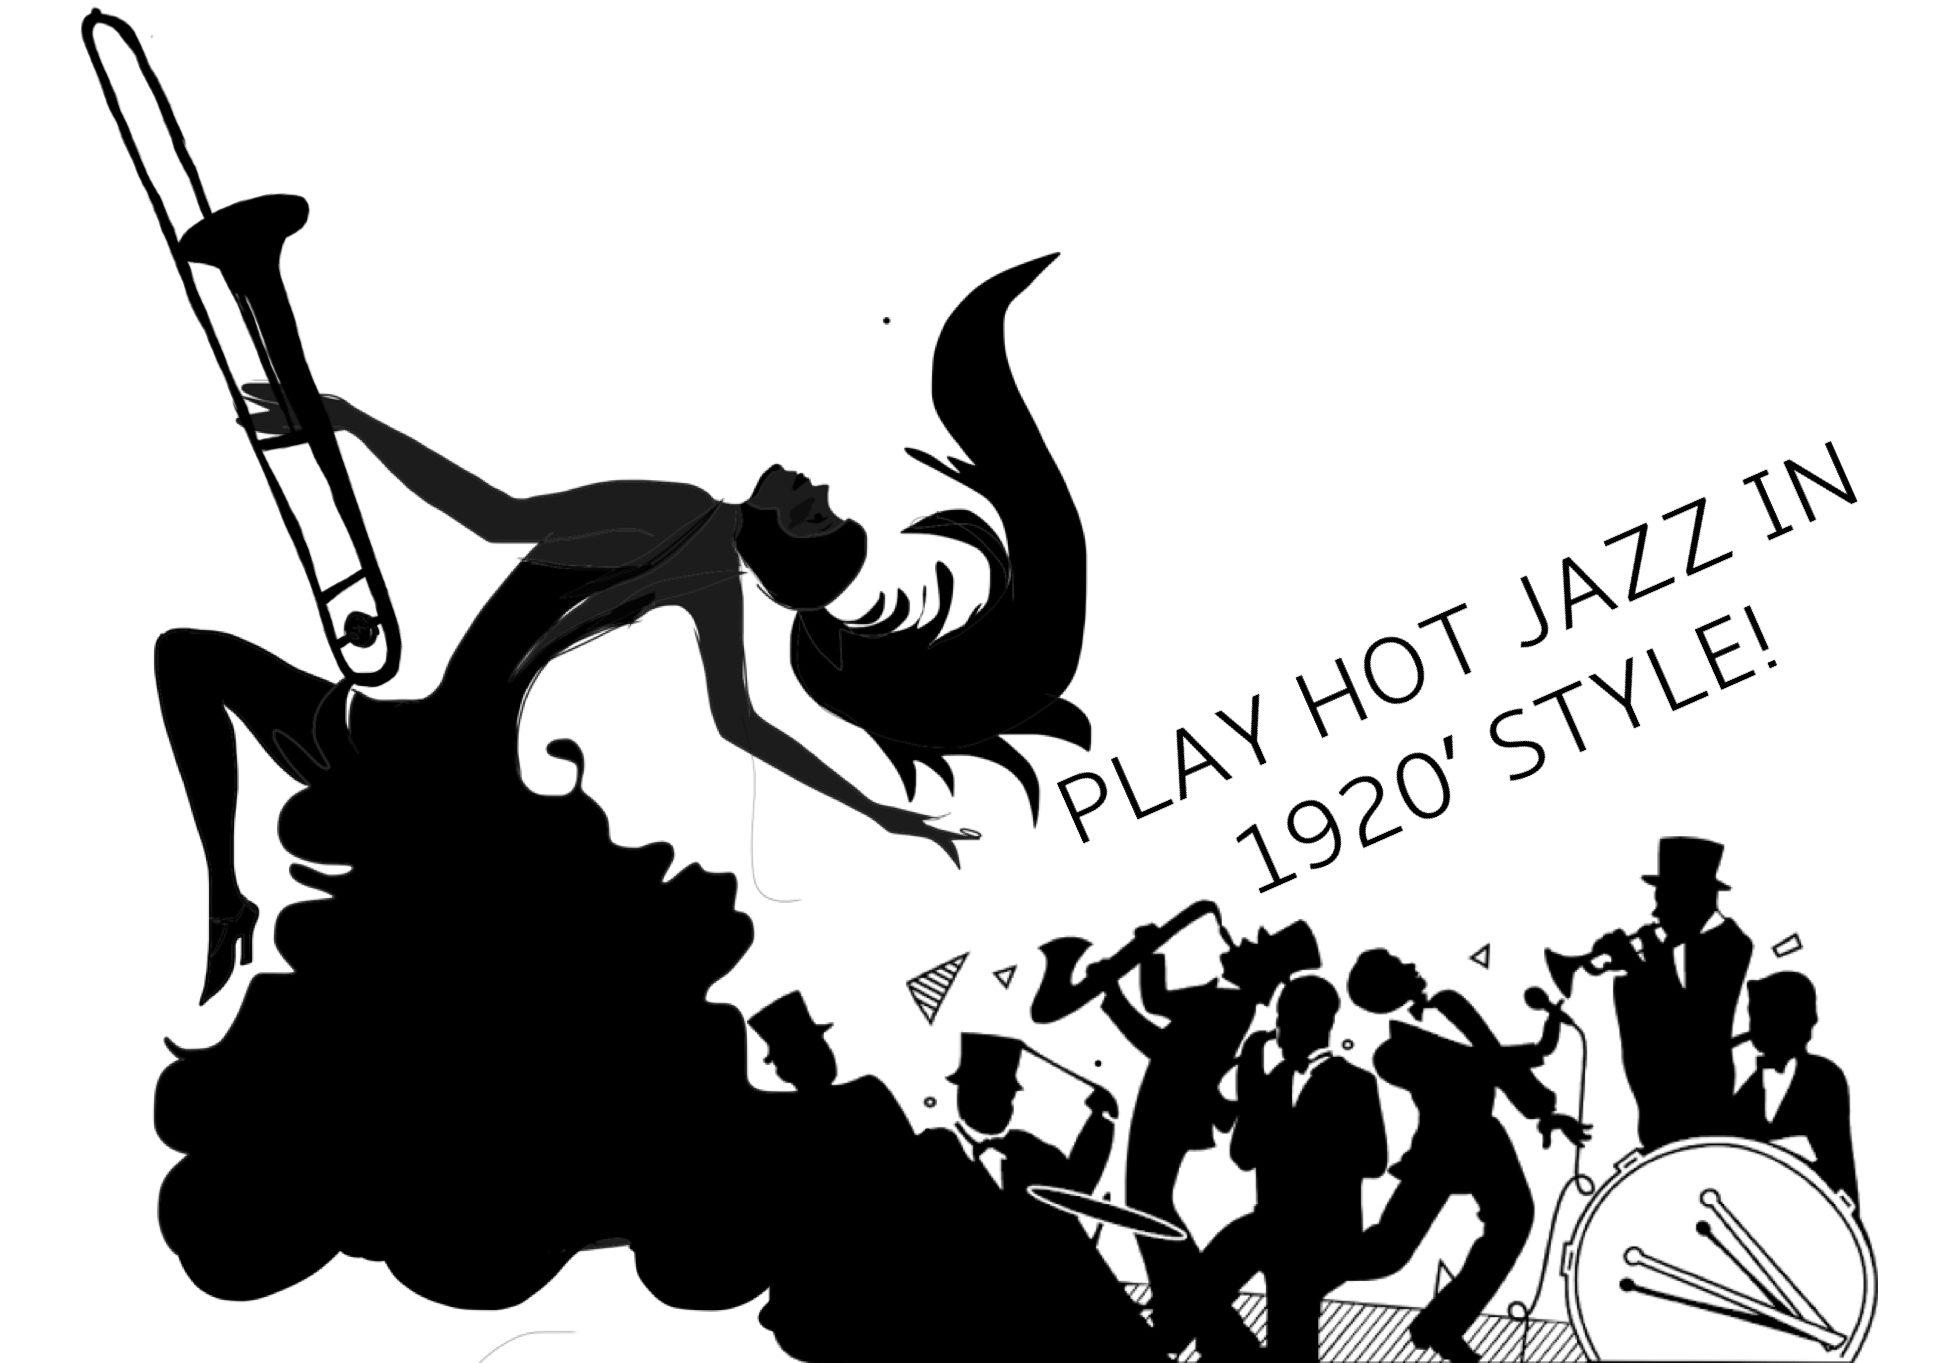 PLAY HOT JAZZ!